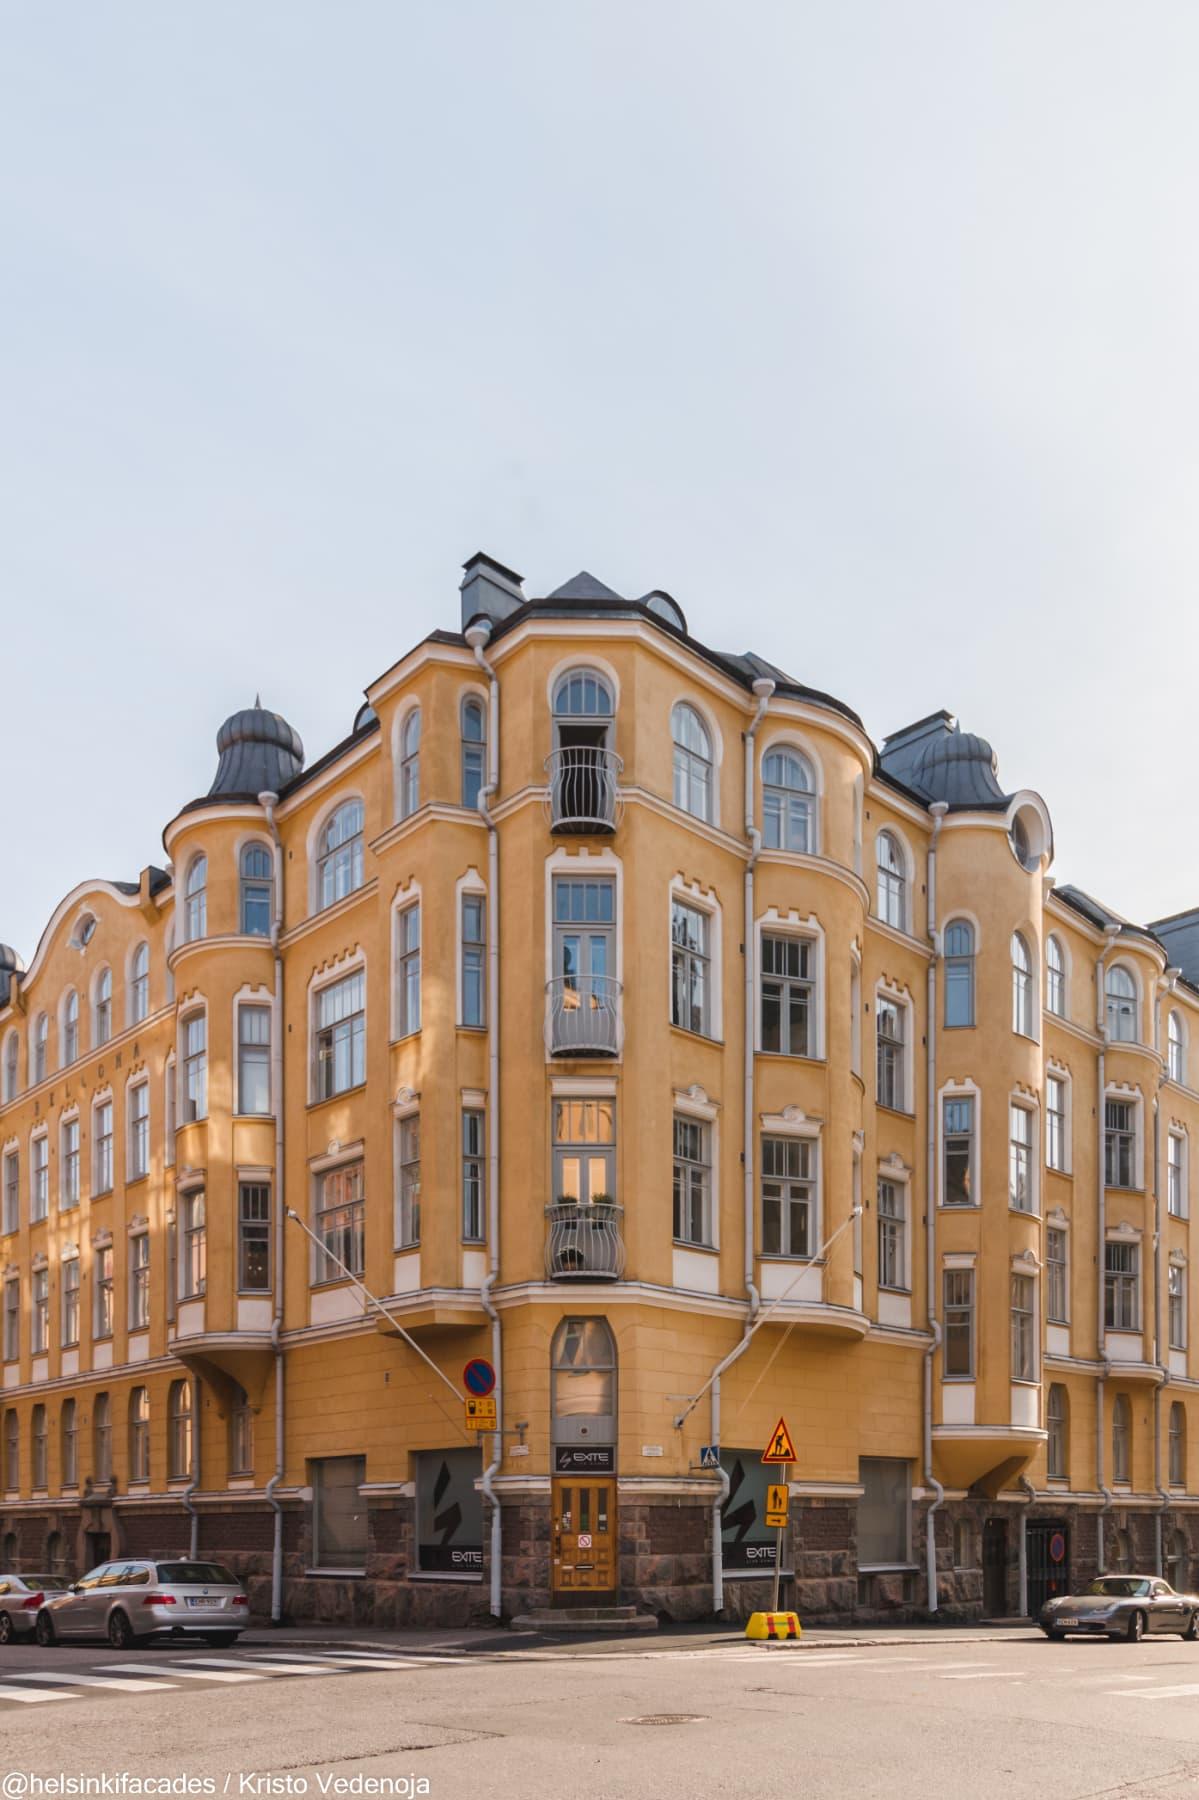 Kristo Vedenoja @helsinkifacades Bellona-rakennus Luotsikatu 8